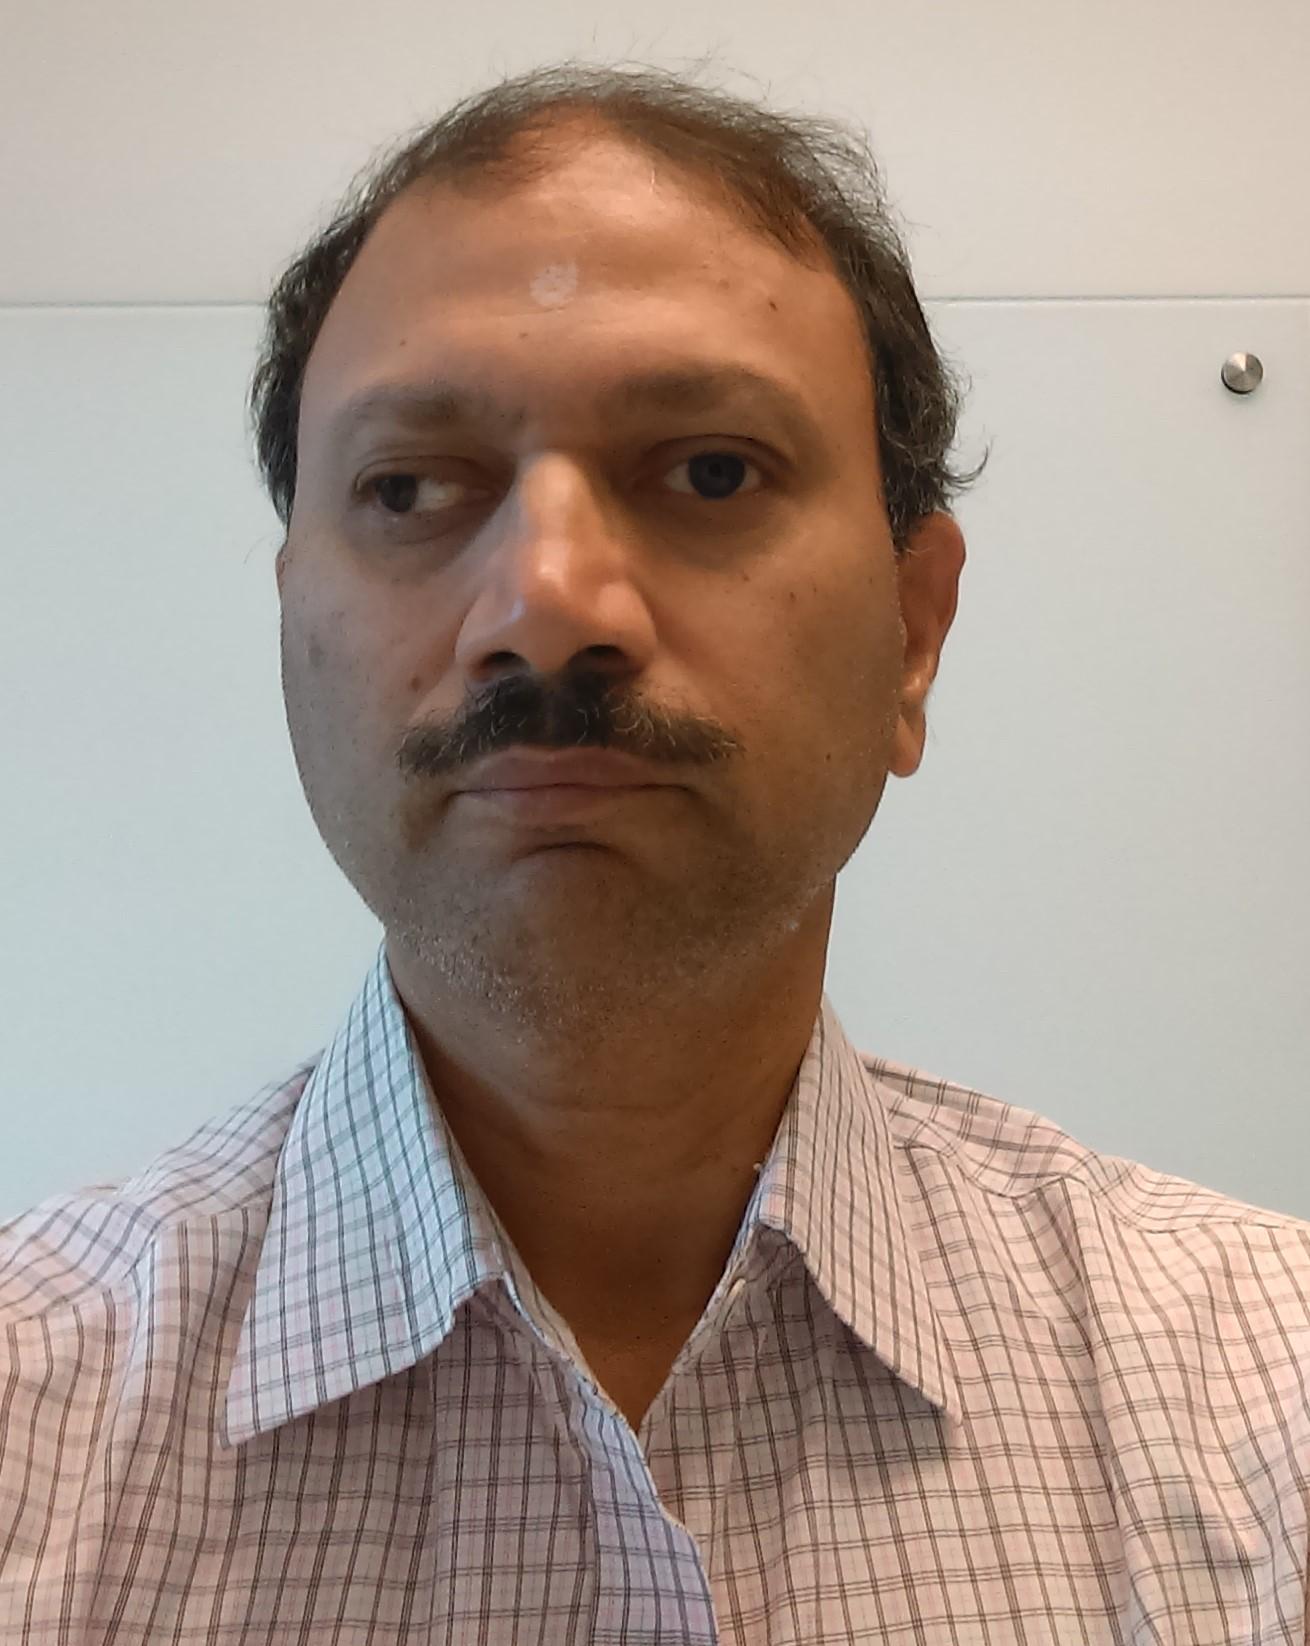 Sudhakar Pamidighantam